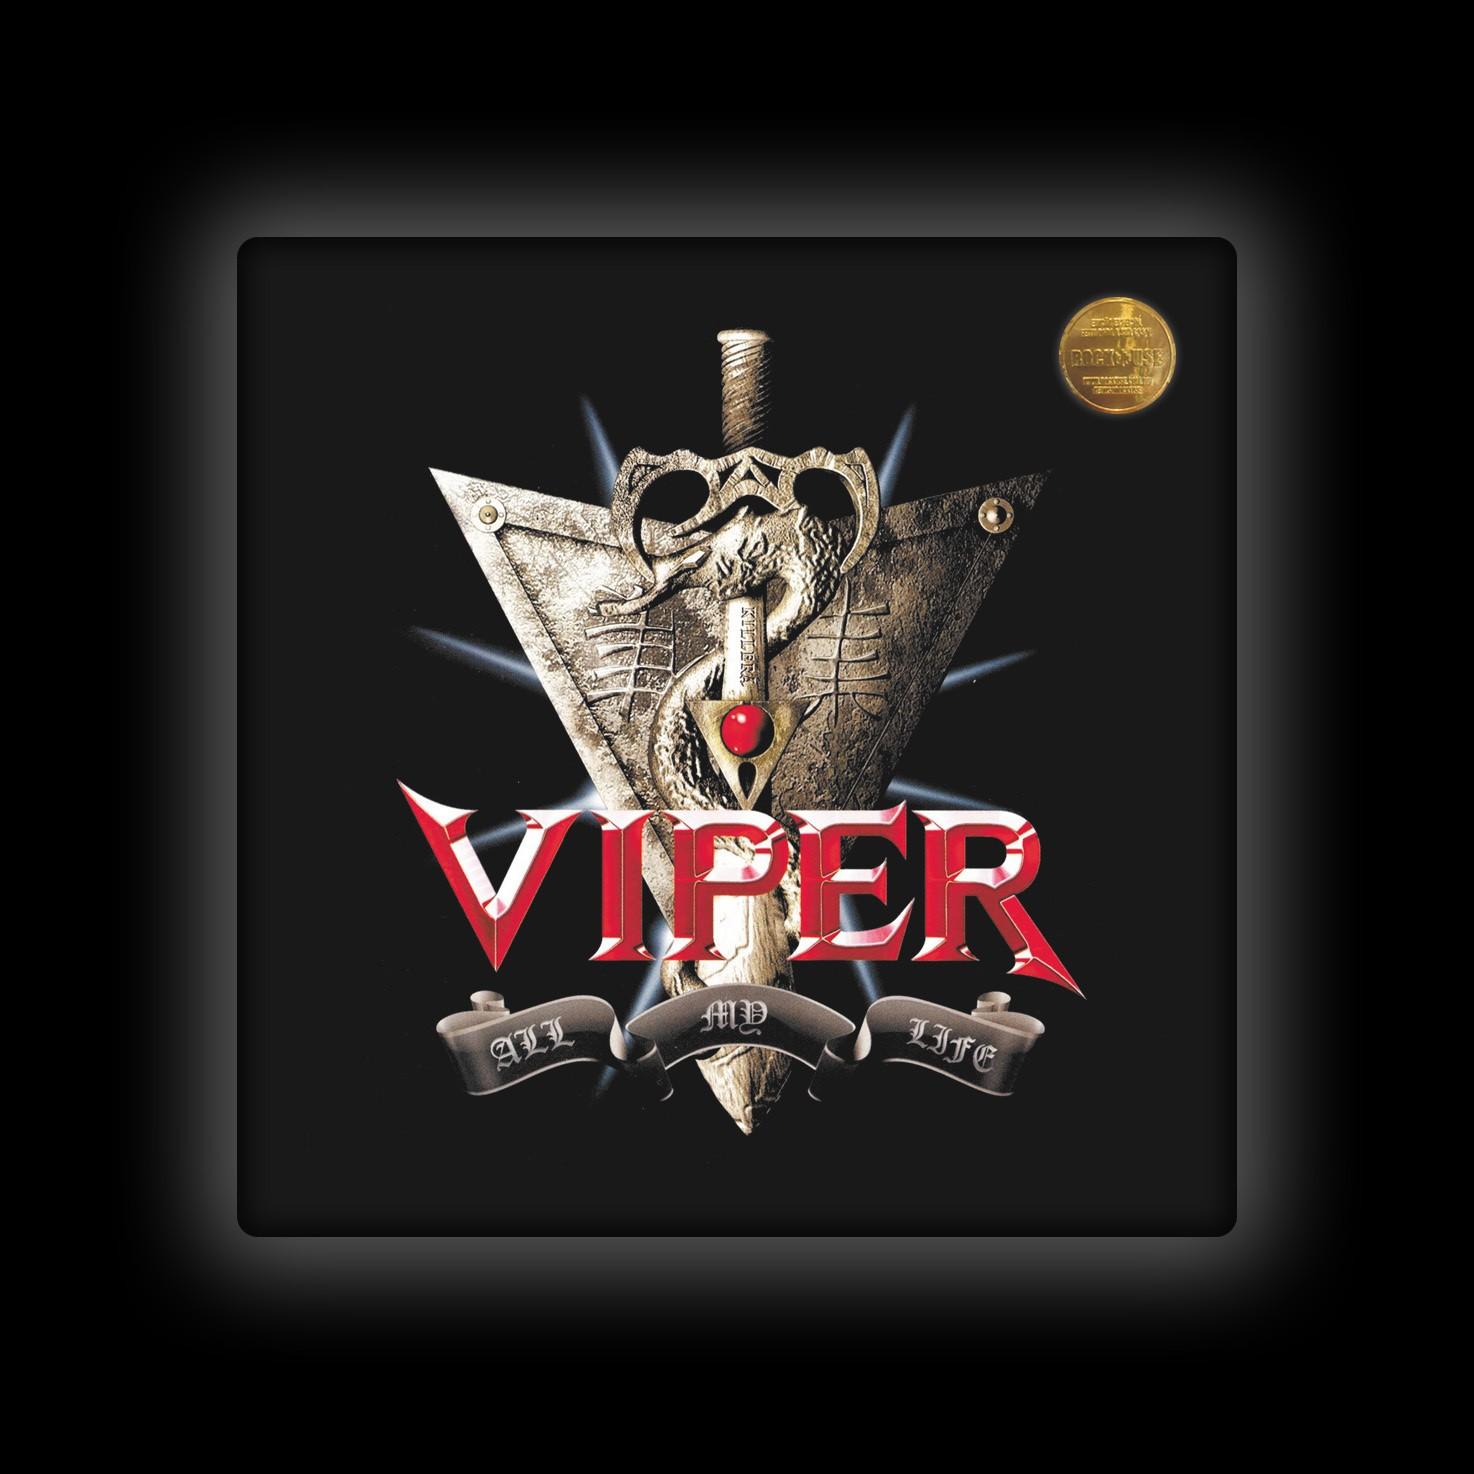 Capa de Almofada Viper - All My Life